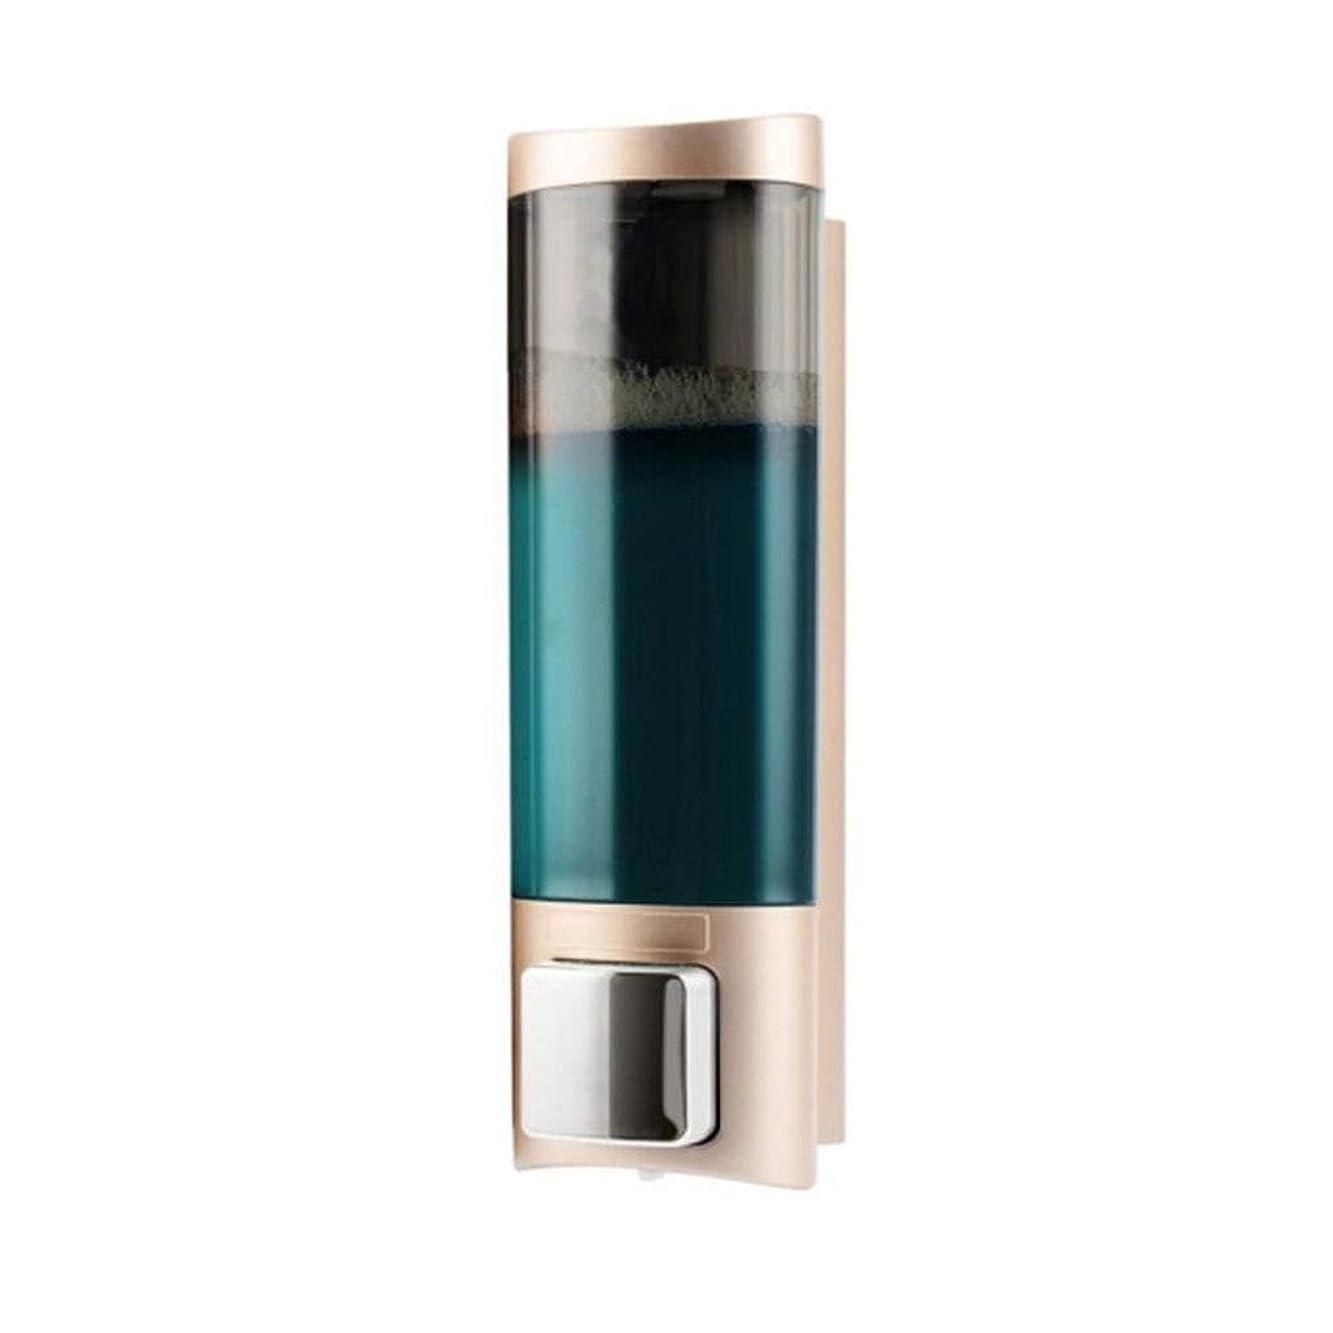 広告する有効な適合しましたKylinssh 液体石鹸ディスペンサーポンプ、浴室または台所、家のホテル - ステンレス鋼のために理想的な壁の台紙の石鹸/ローションディスペンサーポンプ